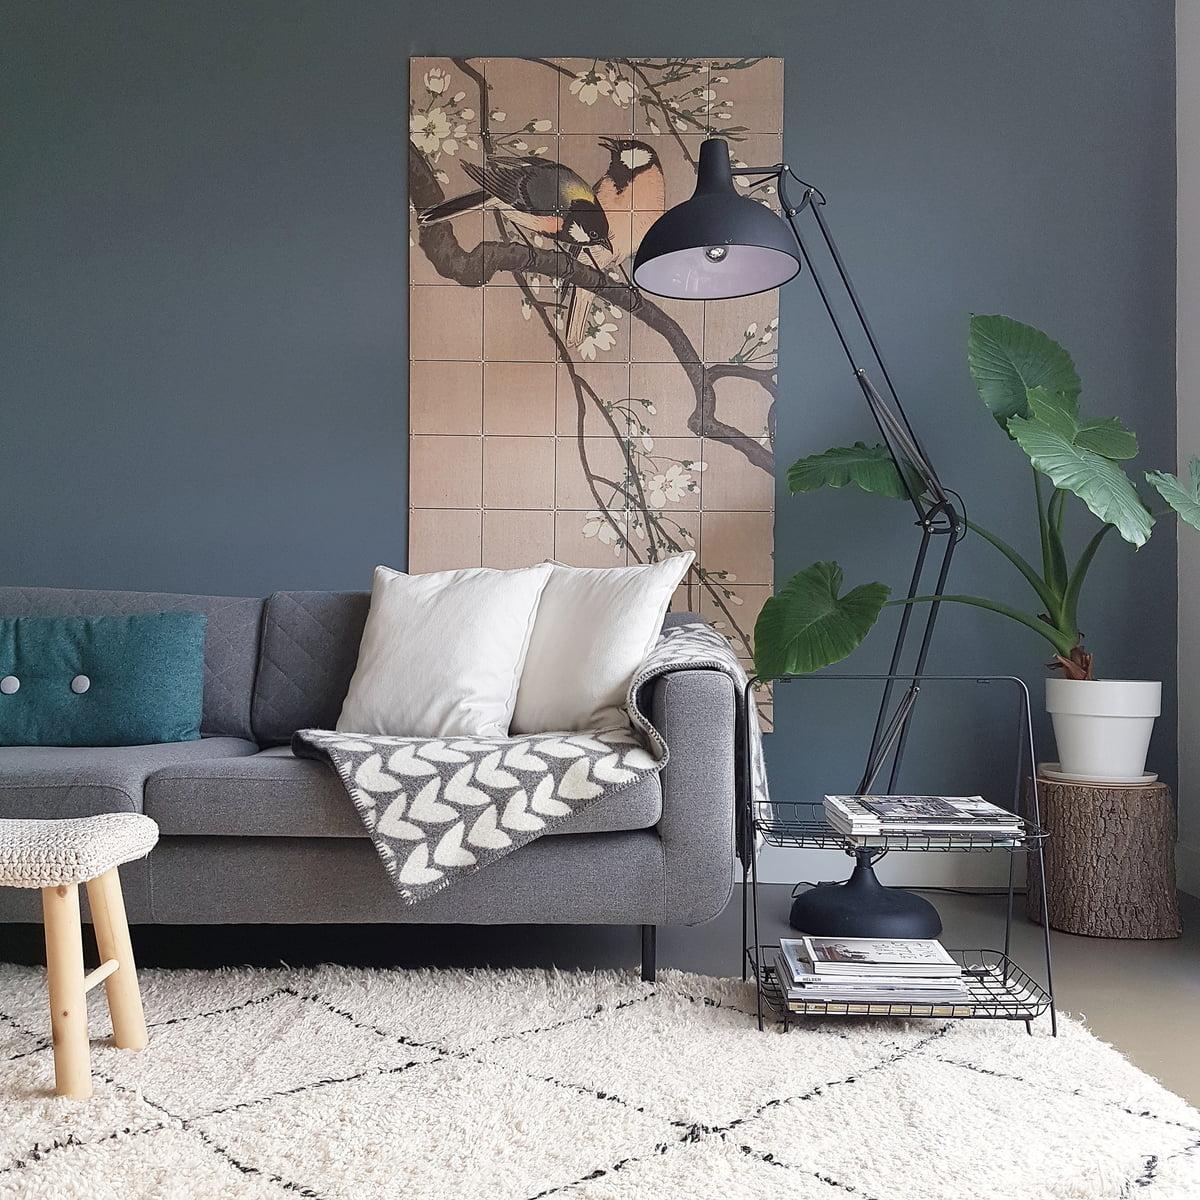 kohlmeisen auf einem kirschbaum koson von ixxi connox. Black Bedroom Furniture Sets. Home Design Ideas